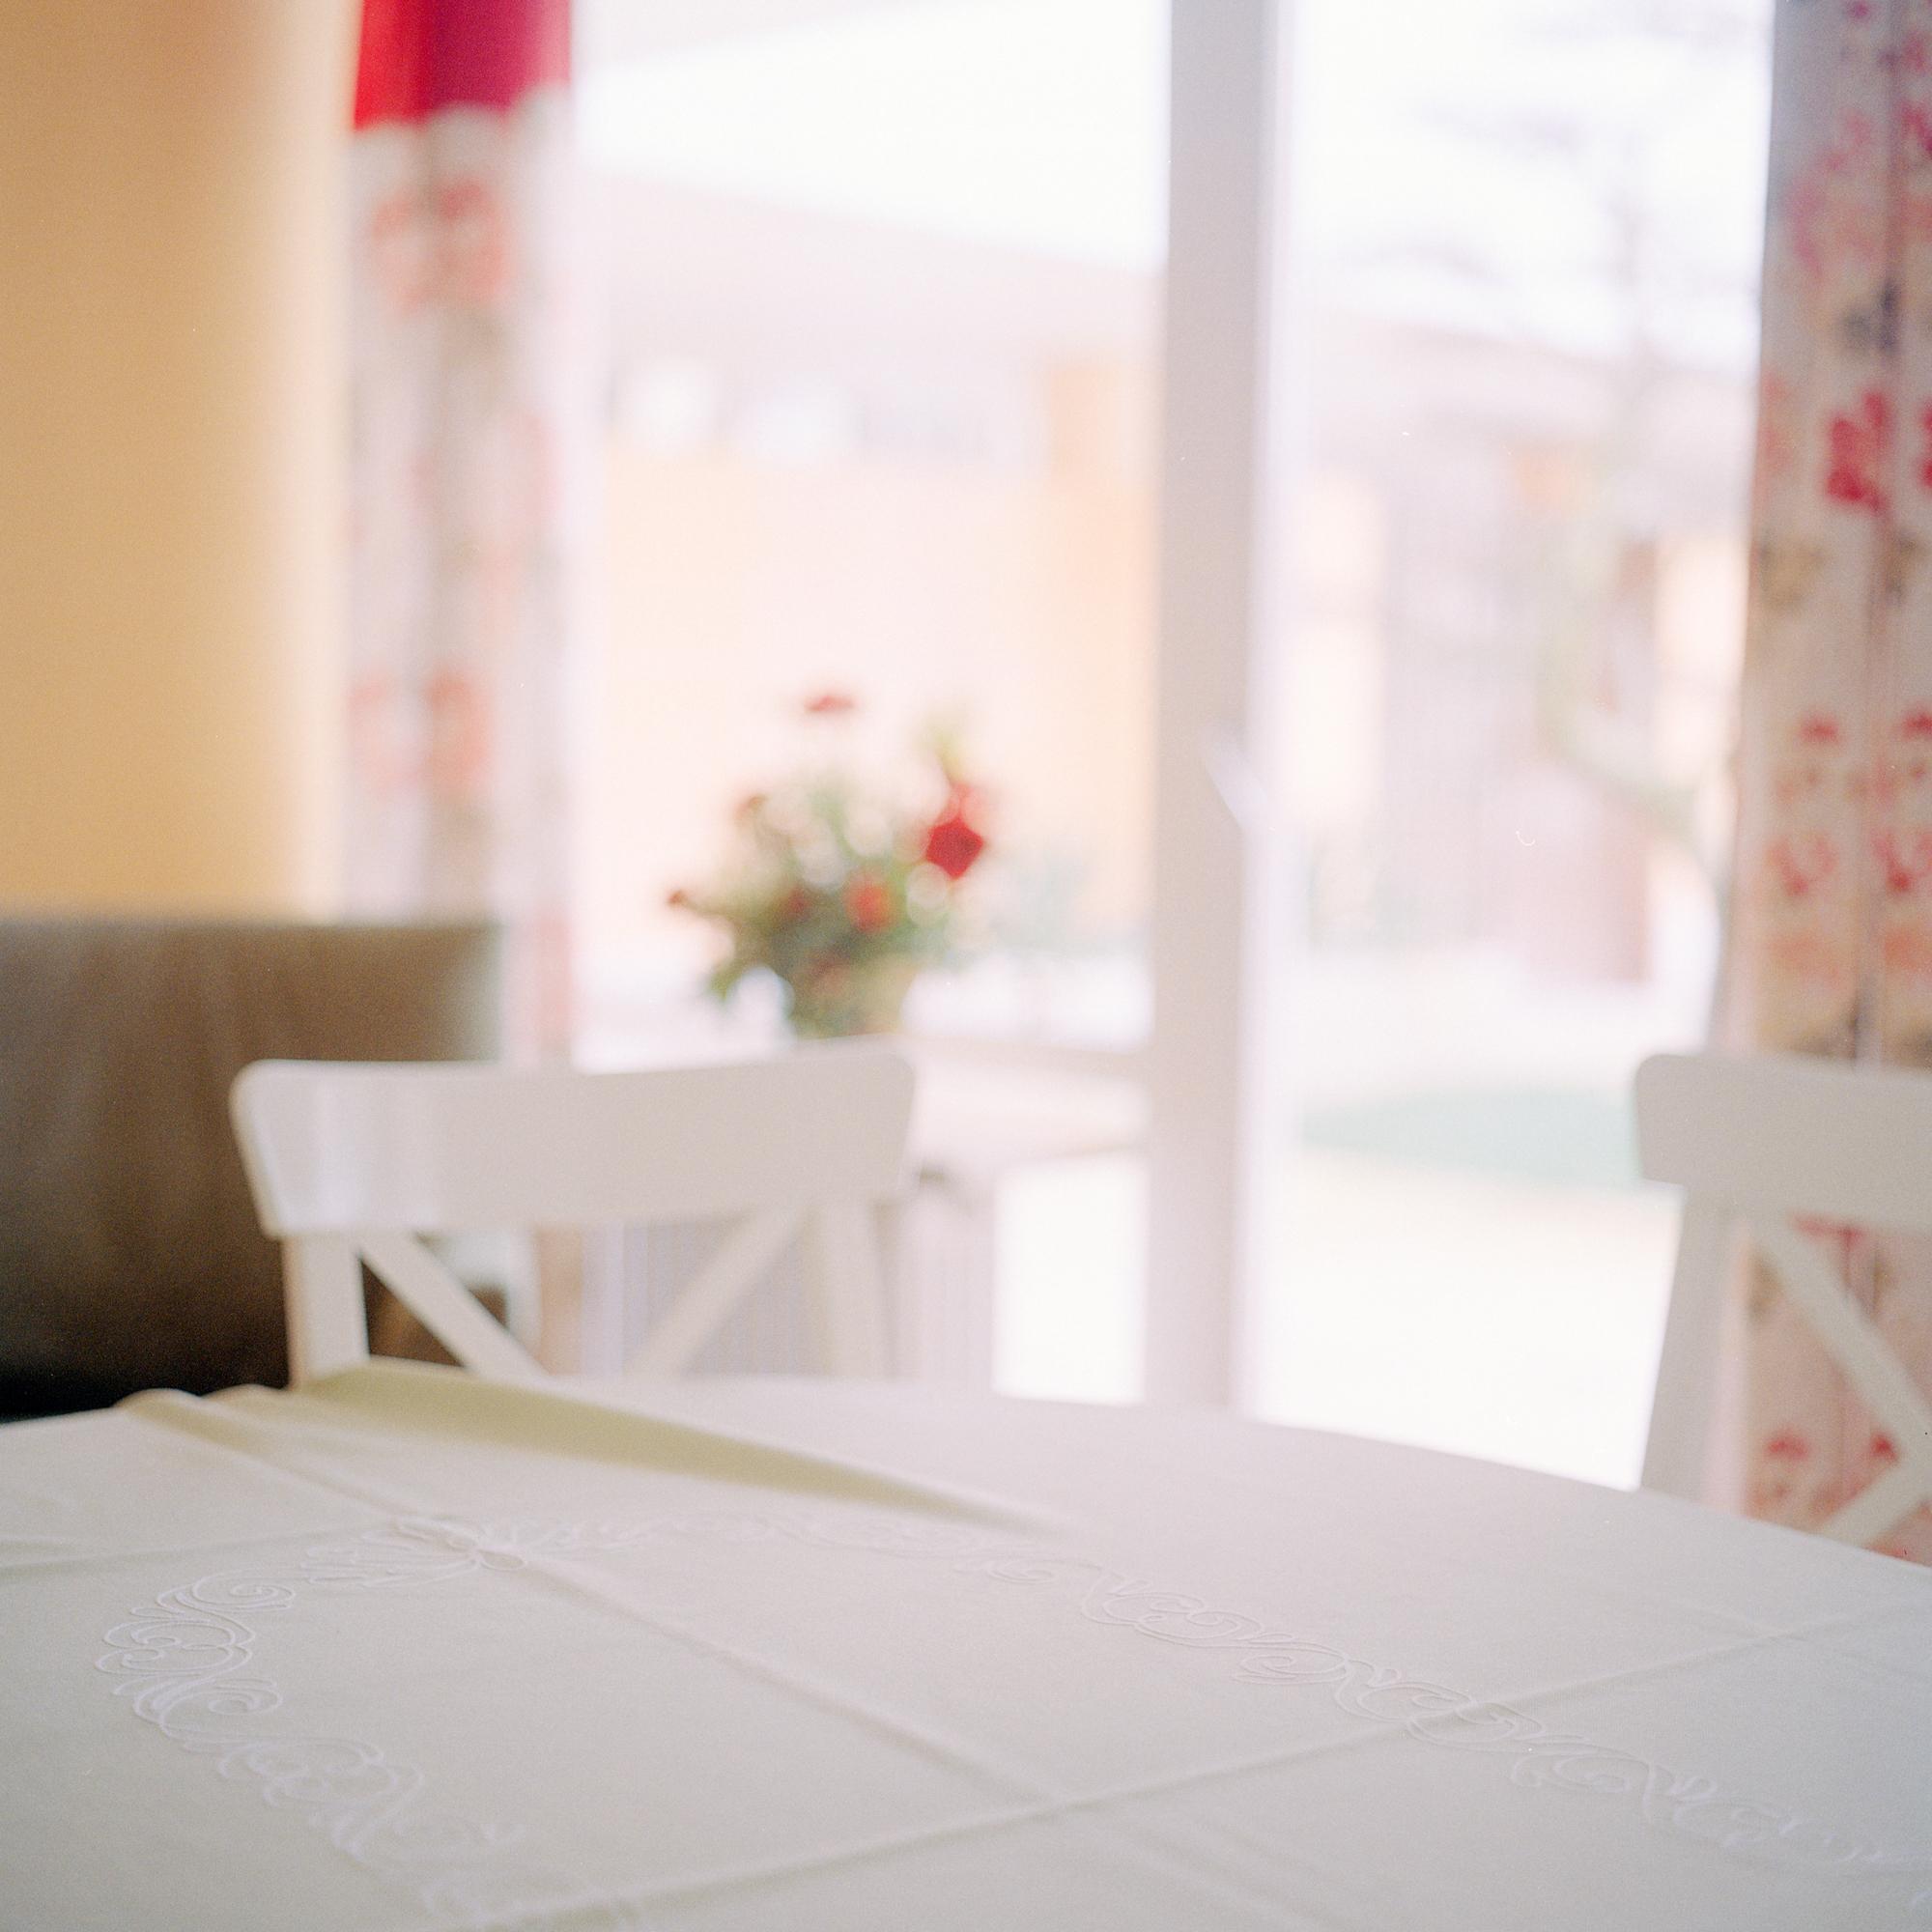 Georg Brauchle Haus, Muenchen. Detail von Tisch im Clubraum im Georg Brauchle Haus in der Staudingerstrasse 58 in Munchen am 18. Januar 2011. Uber den Clubraum koennen alle Mitbewohner vefuegen und dient fuer Spielnachmittage, Geburtstage etc. Fotograf: Evi Lemberger